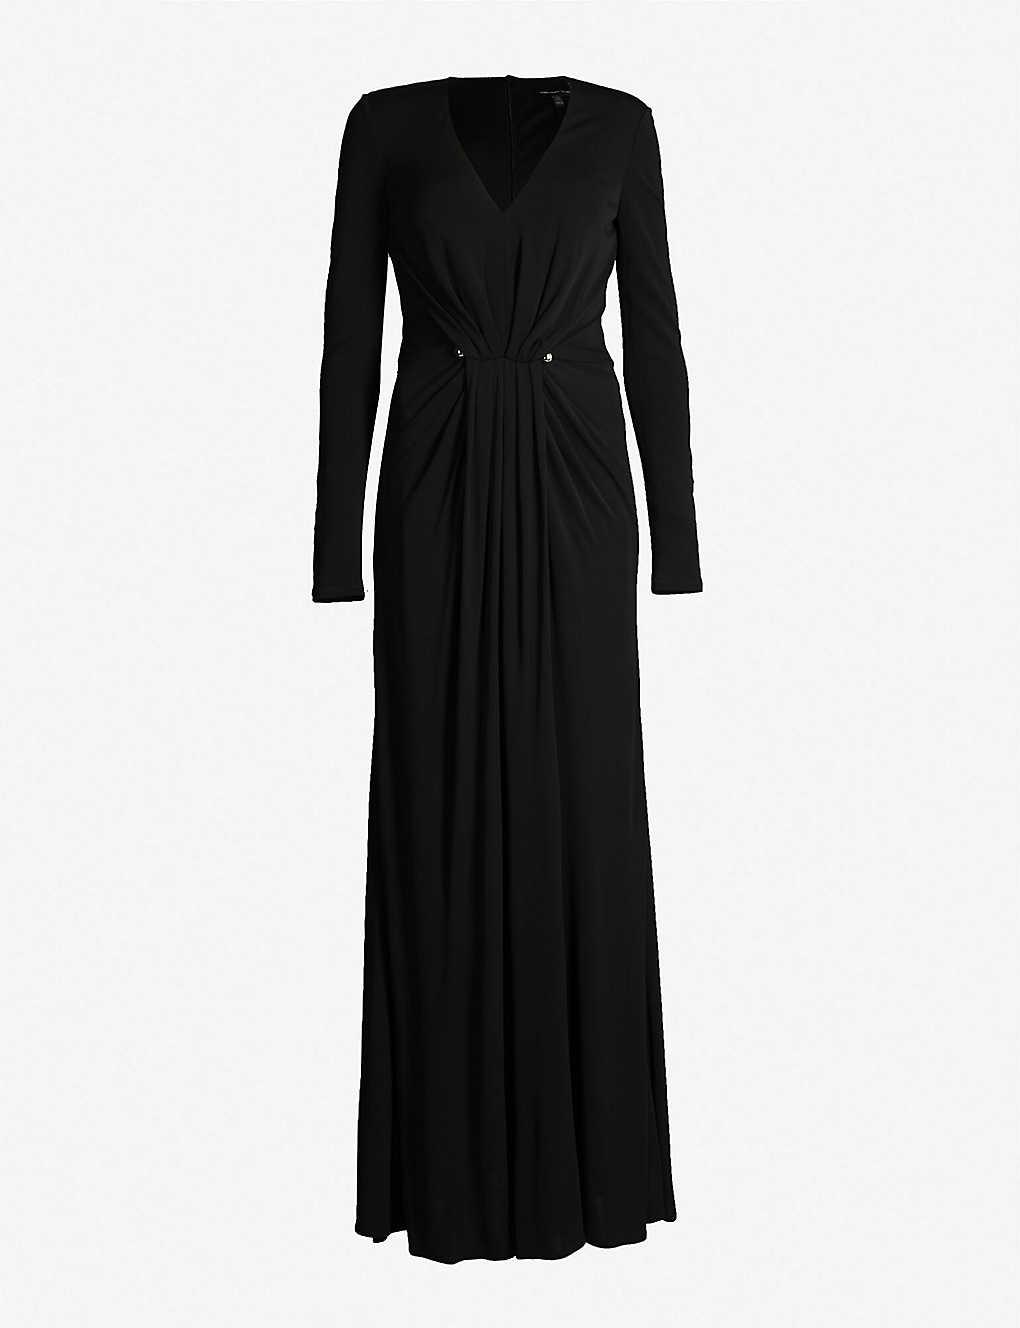 1e3f2a7595e KAREN MILLEN - Draped-fabric maxi dress with metal-bar detail ...